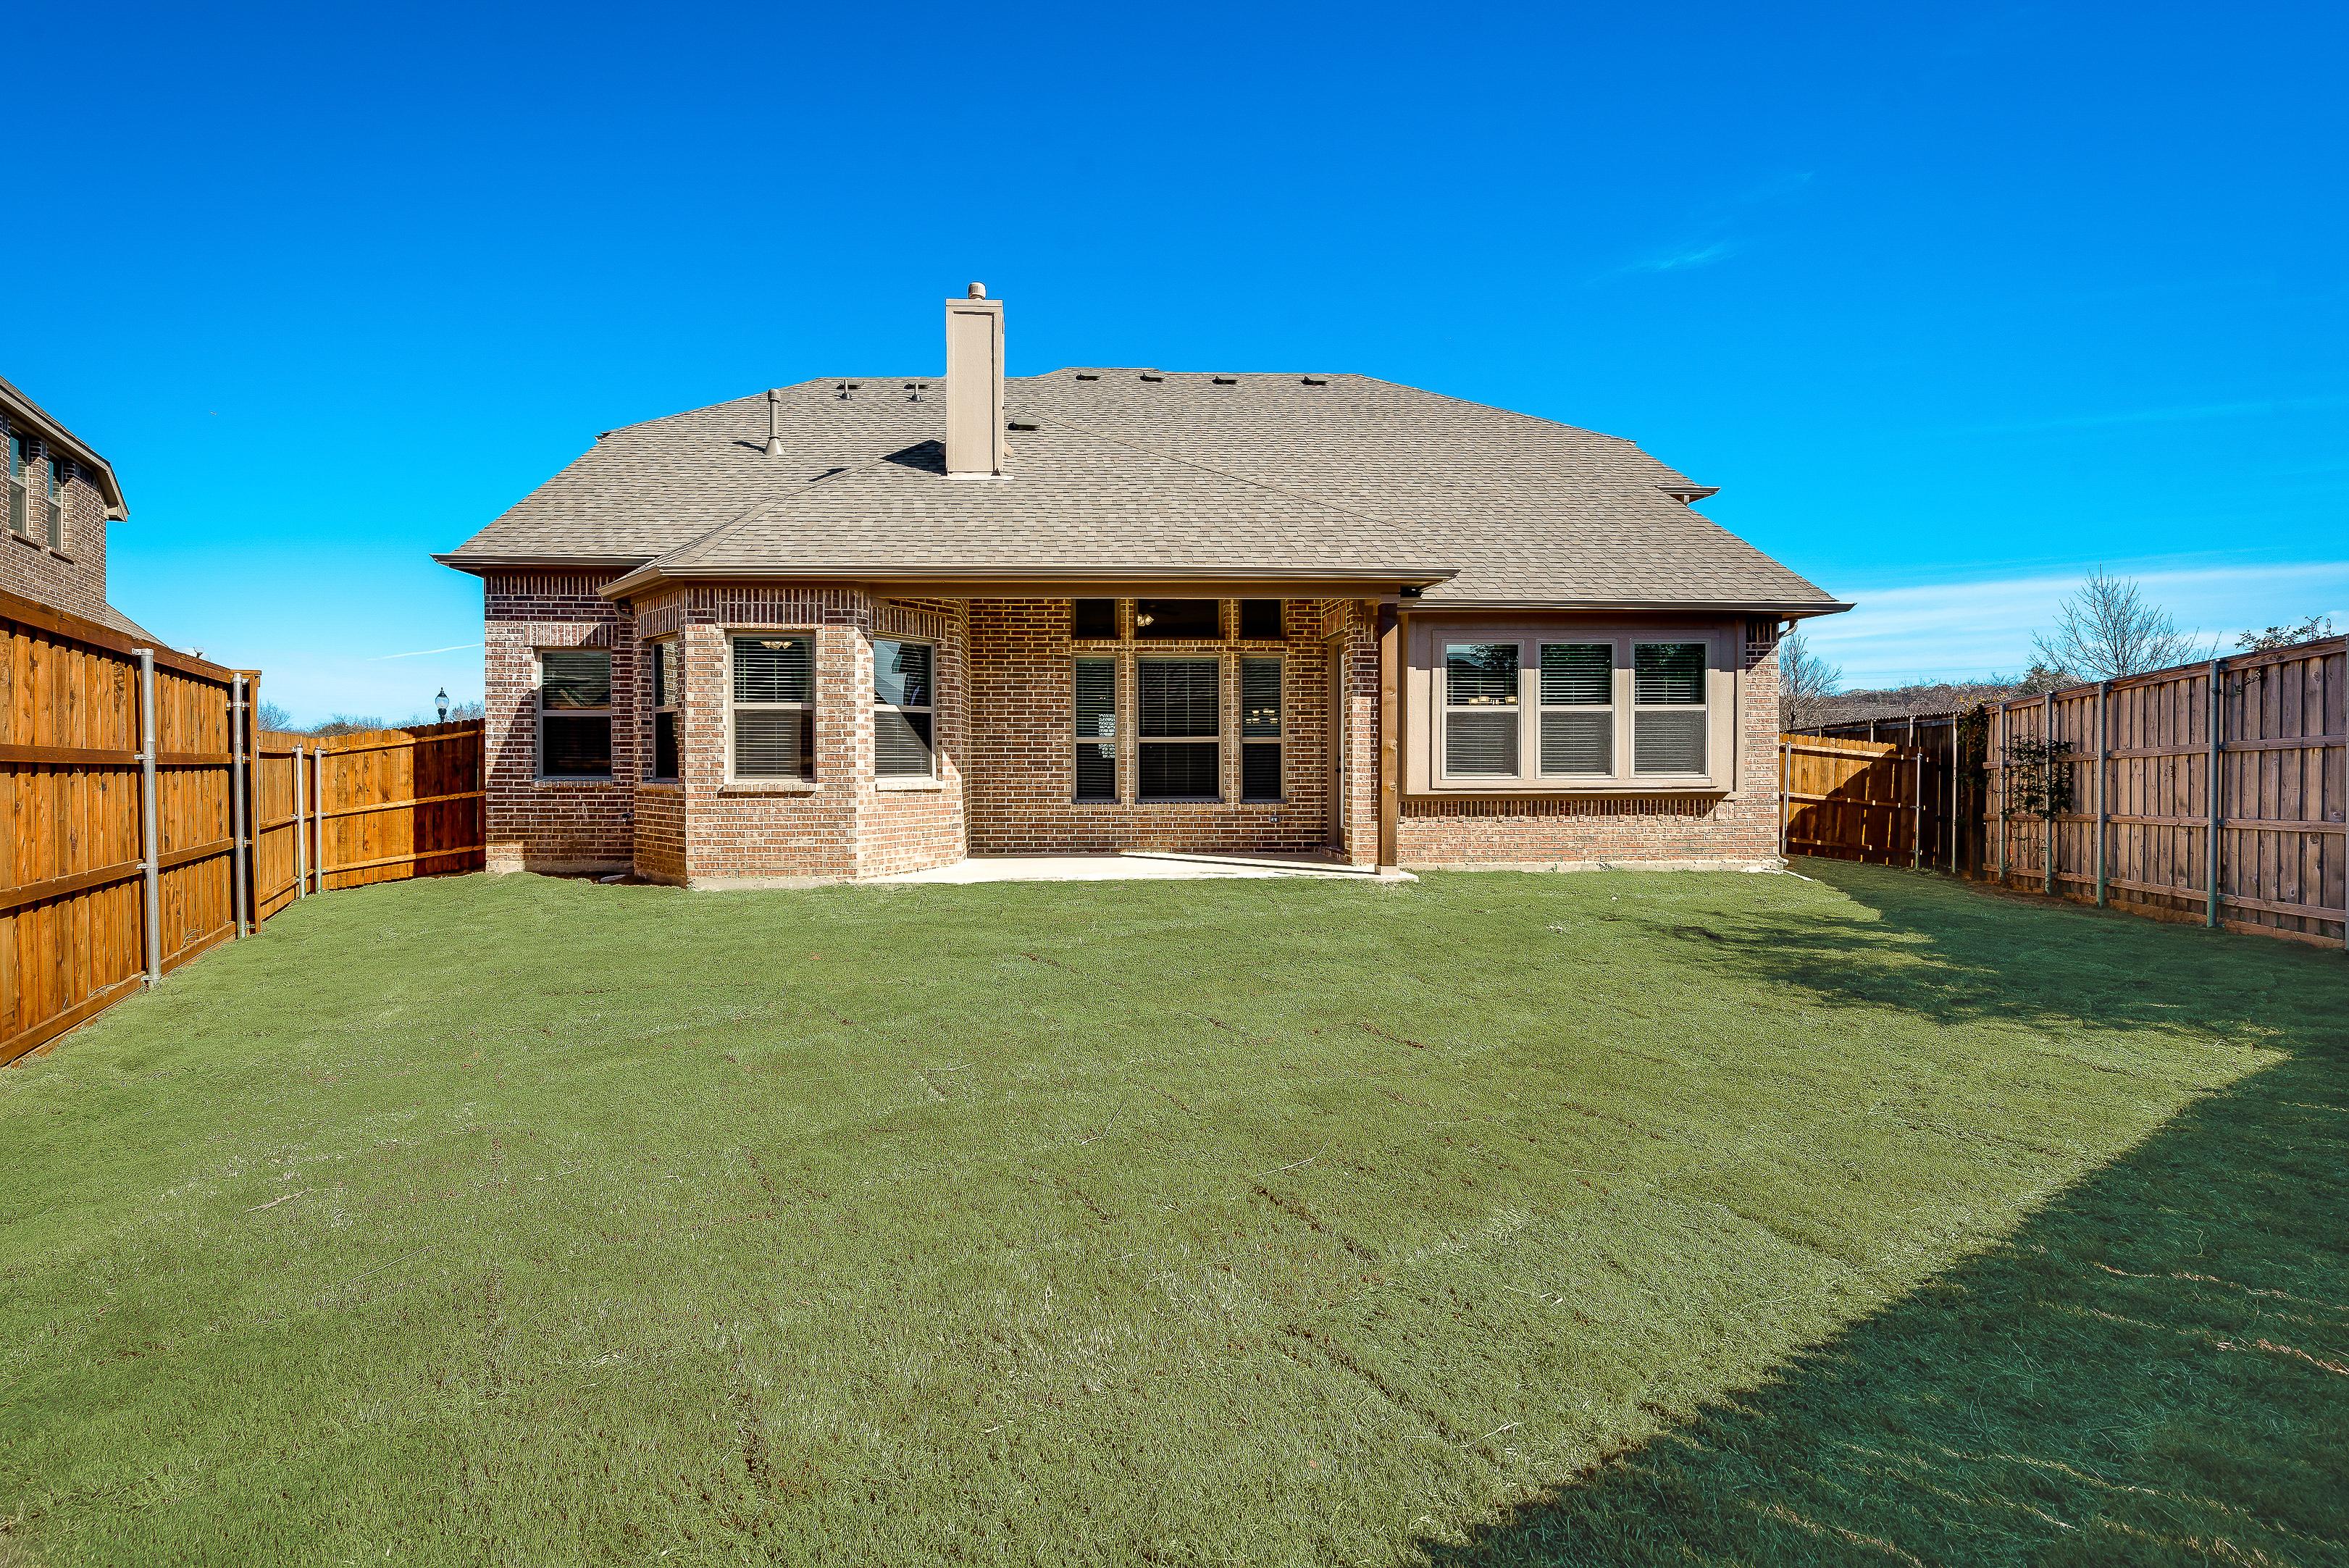 New Homes For Sale Keller Tx 544 Big Bend Dr